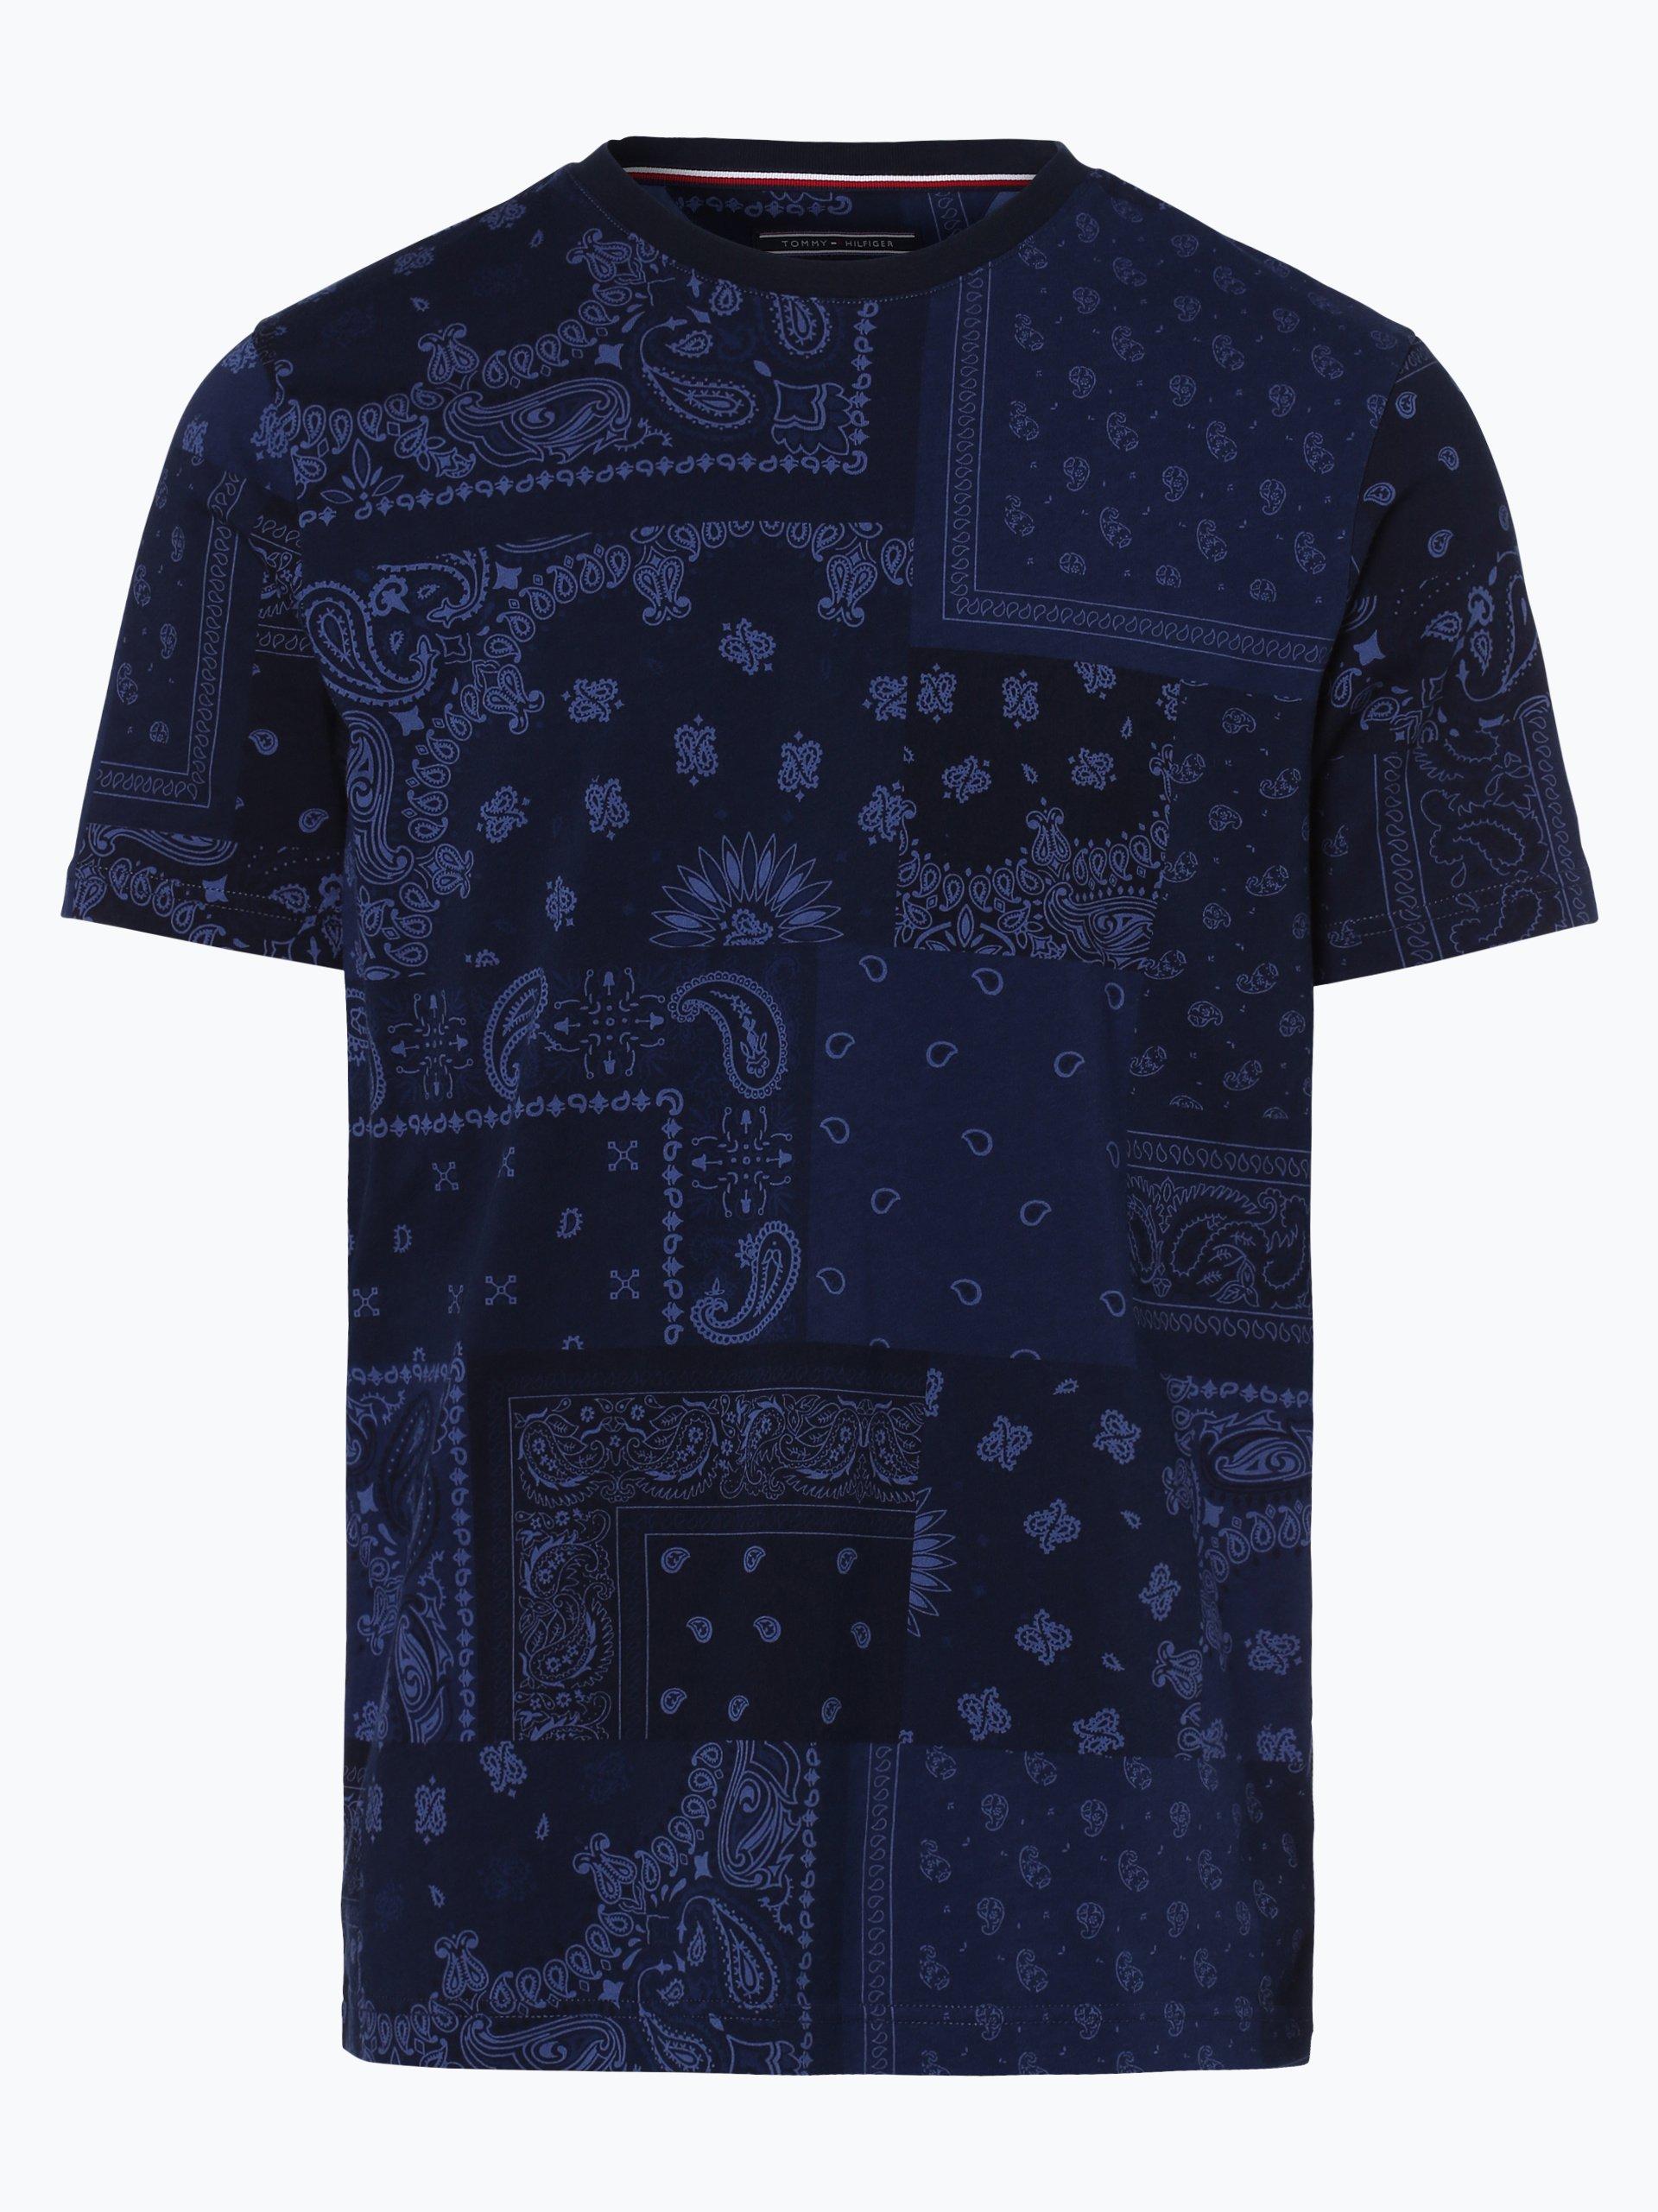 tommy hilfiger herren t shirt marine gemustert online kaufen peek und cloppenburg de. Black Bedroom Furniture Sets. Home Design Ideas